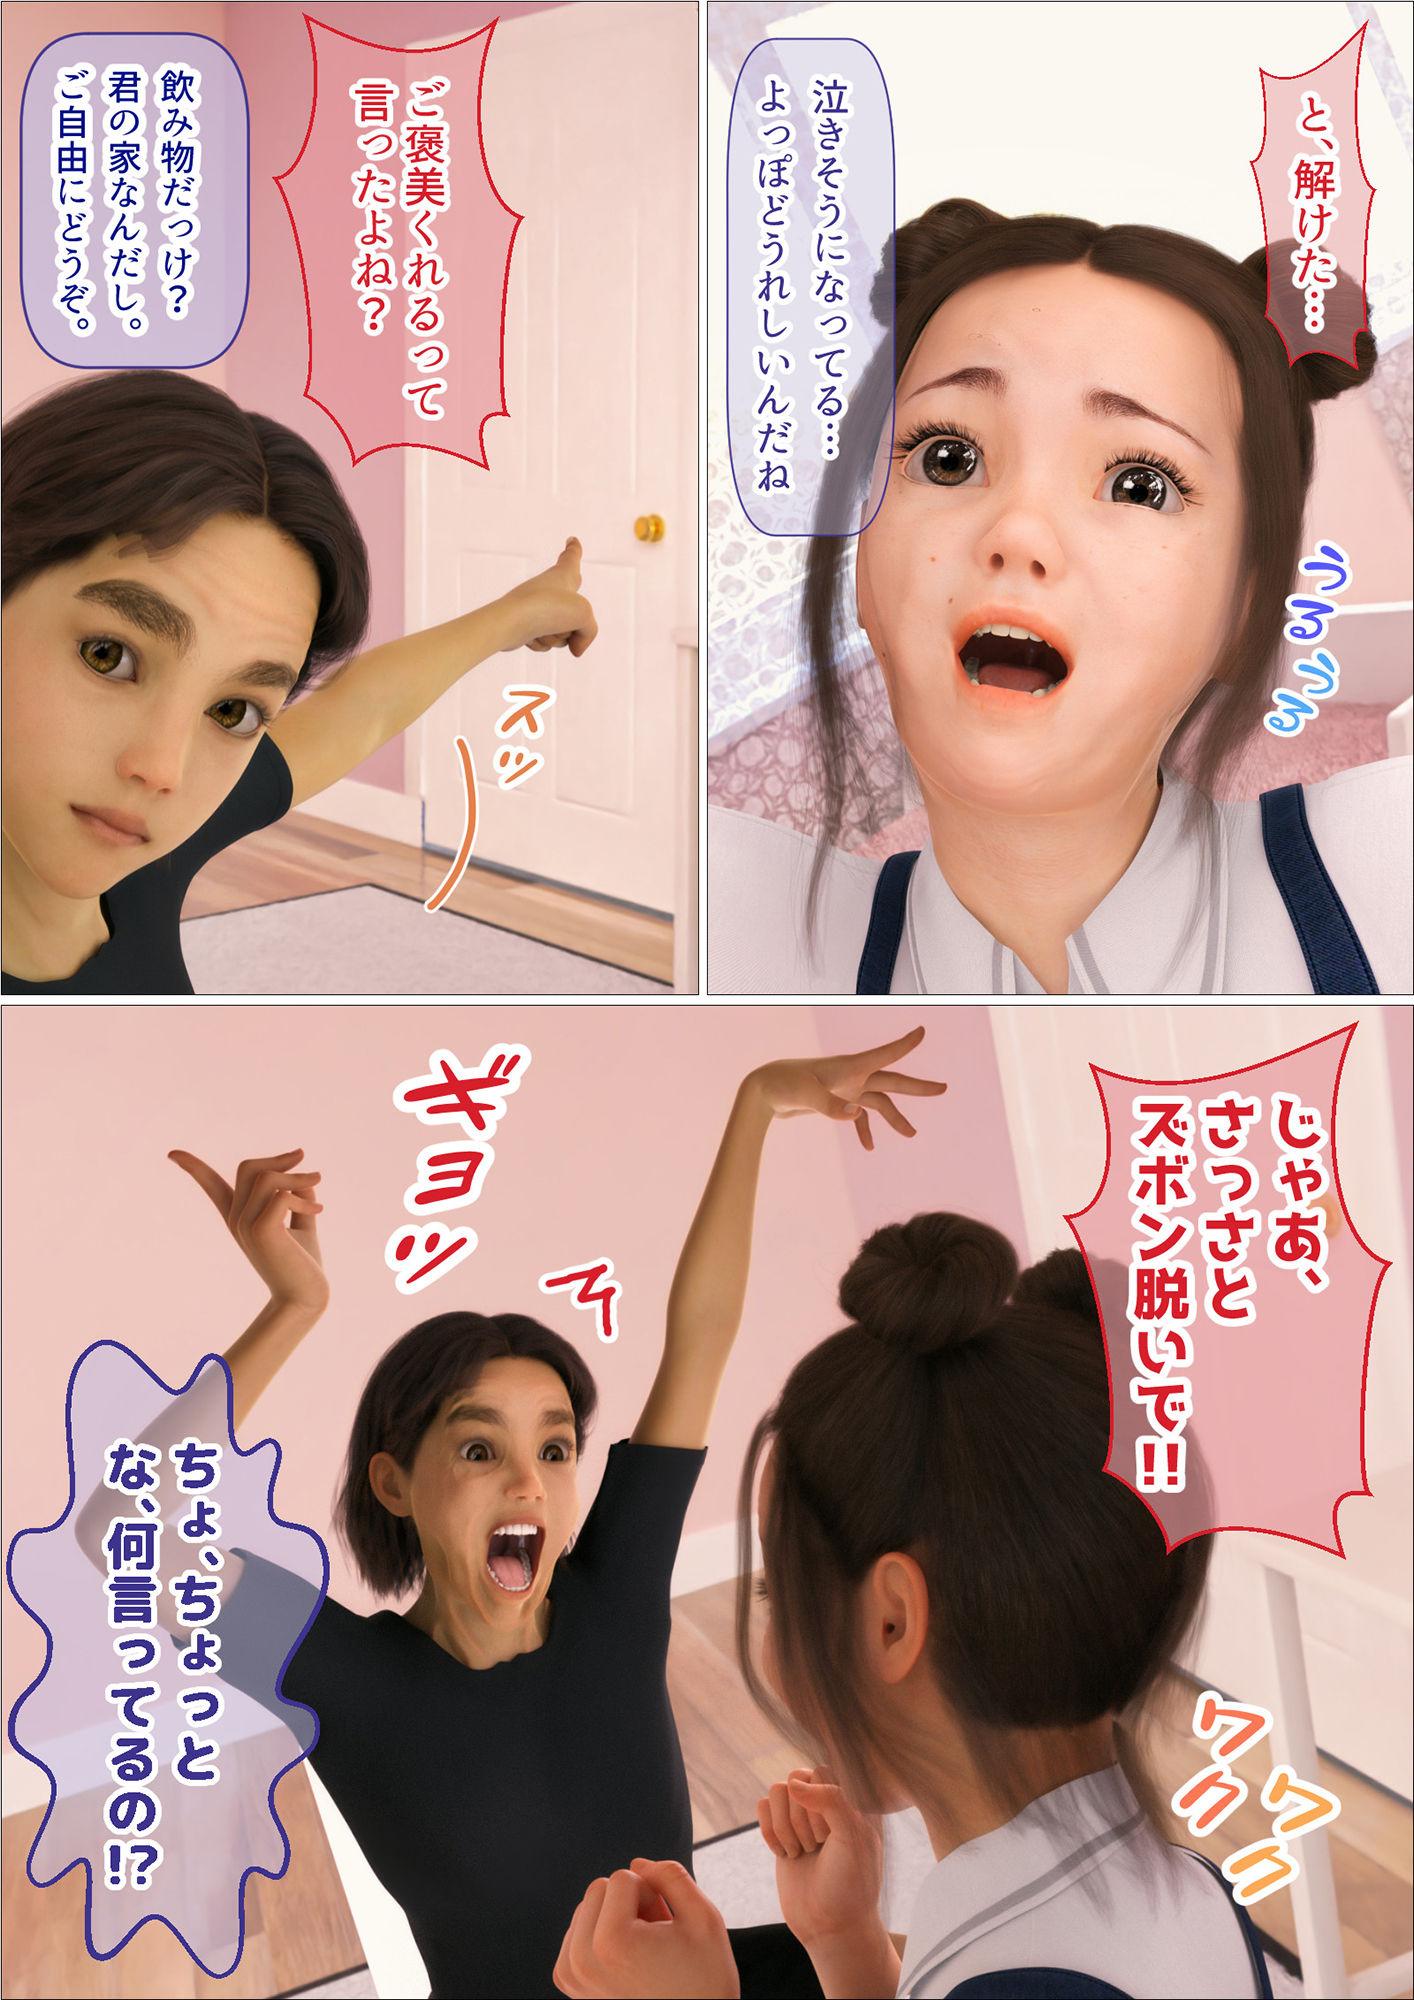 サンプル画像5:栞ちゃんはド淫乱〜ごっくんだけじゃ物足りない!?(とんがりミルク) [d_196415]